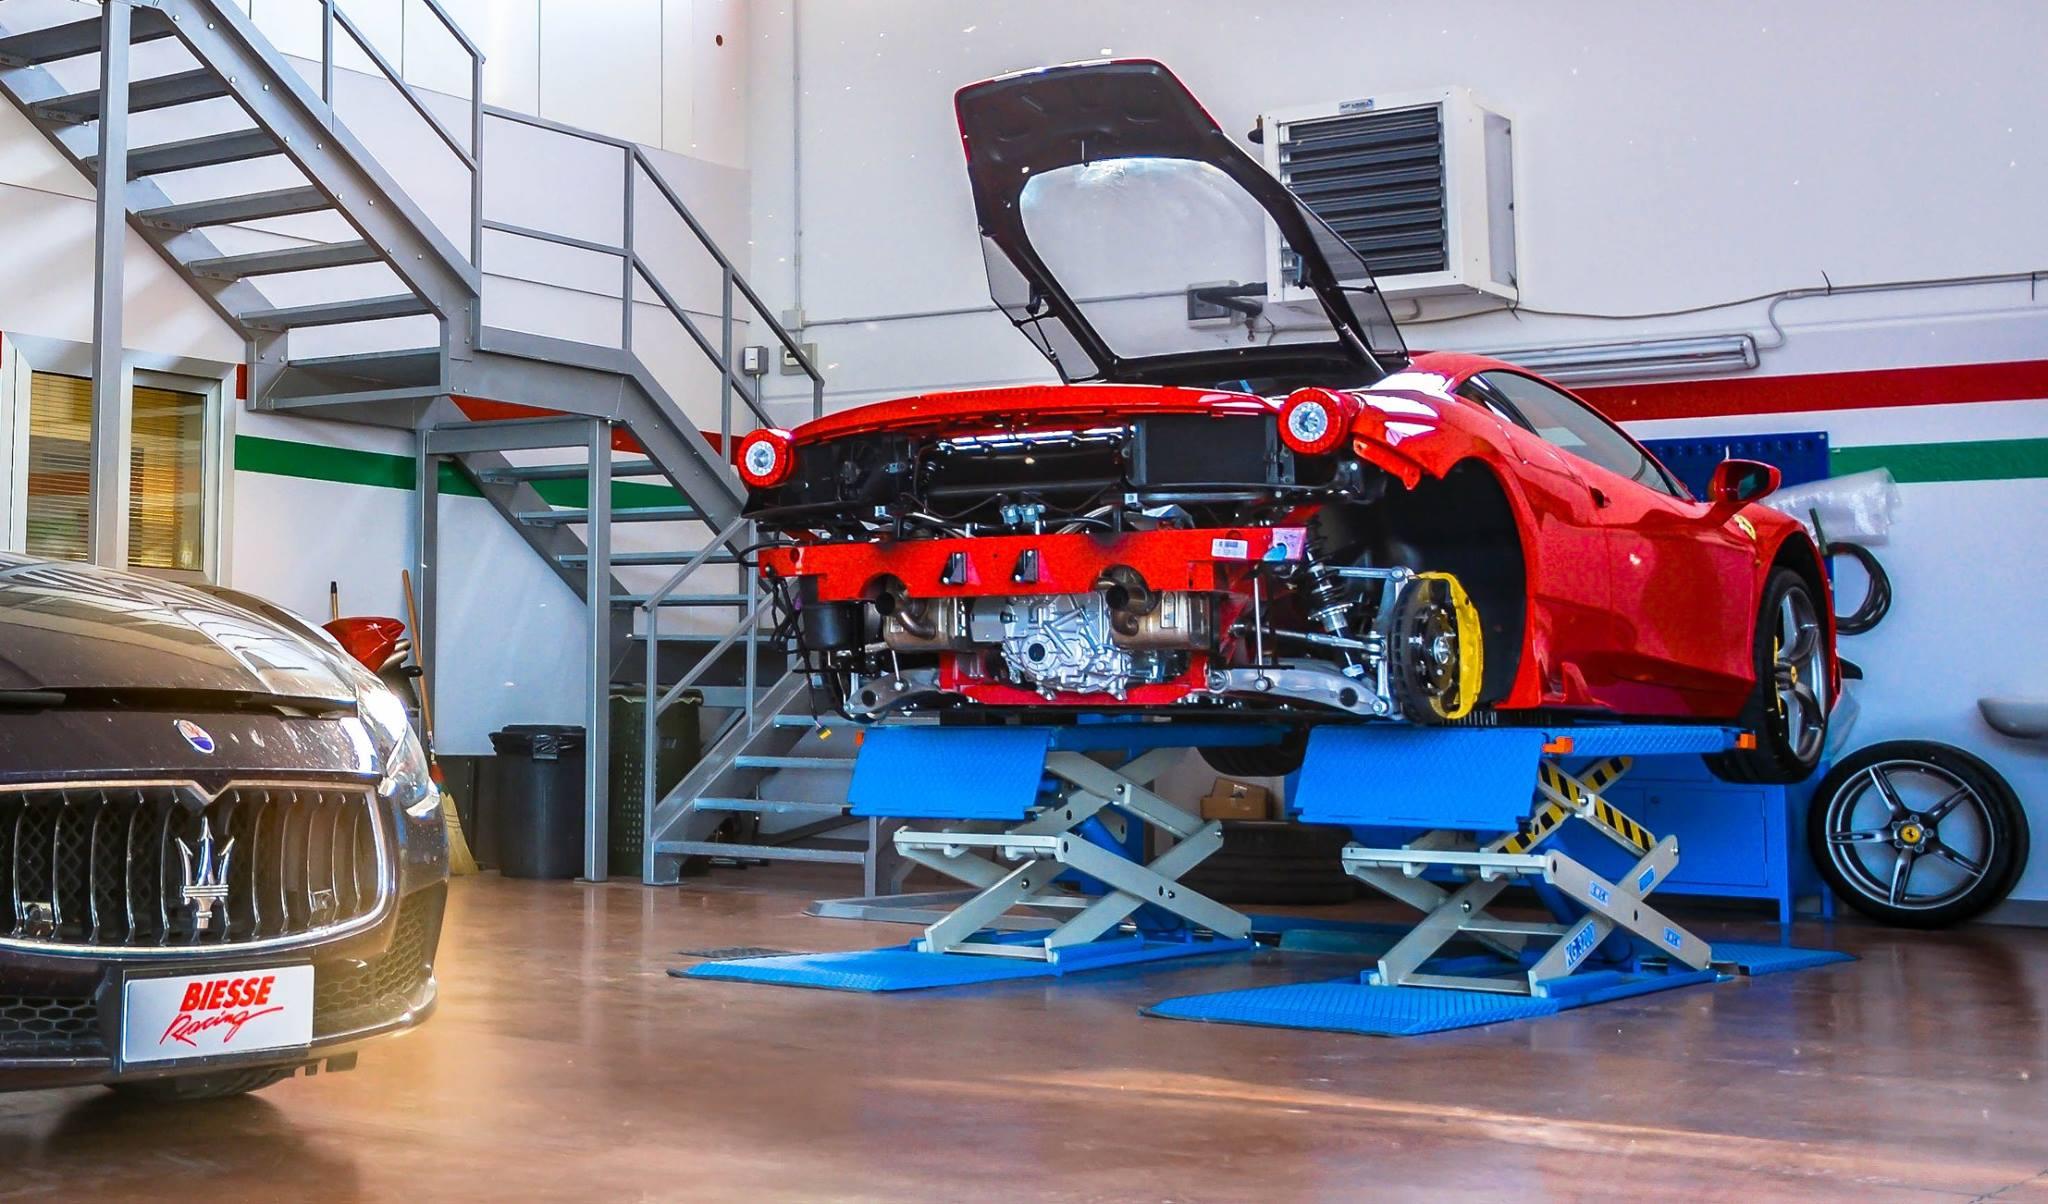 Biesse racing Ferrari on a lift